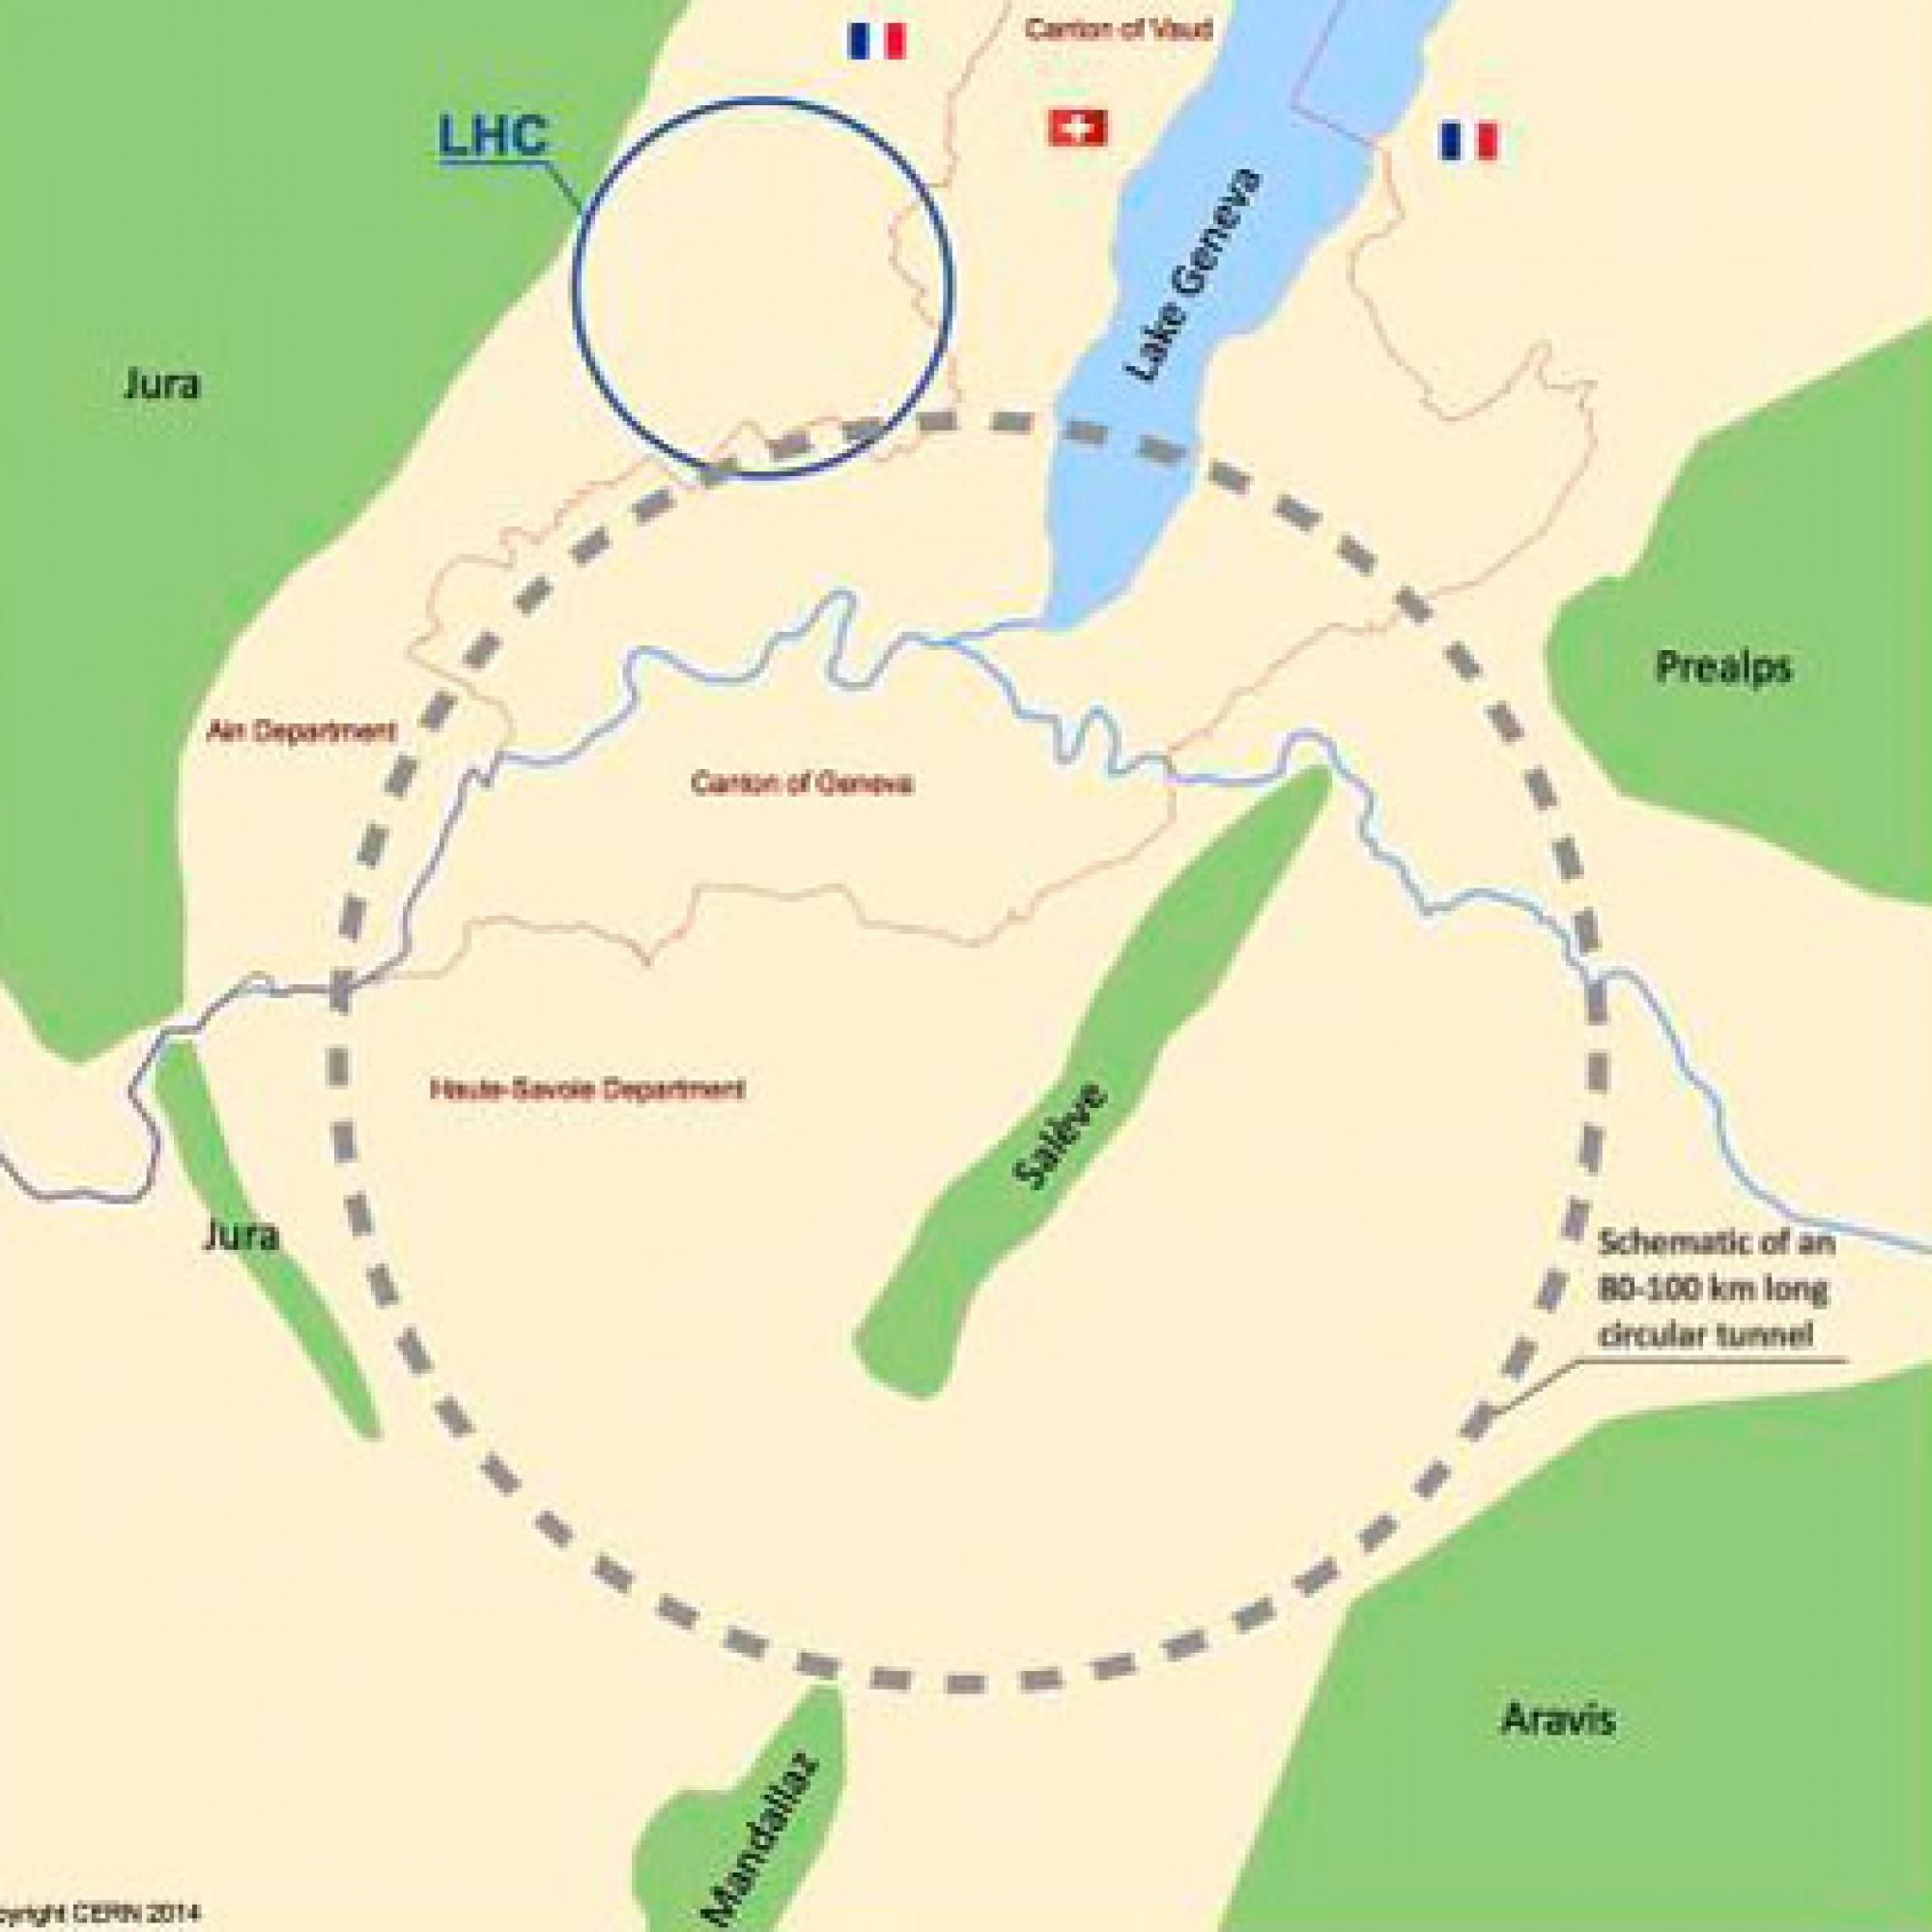 Der kreisförmige Tunnel reicht bis nach Frankreich. (PD)